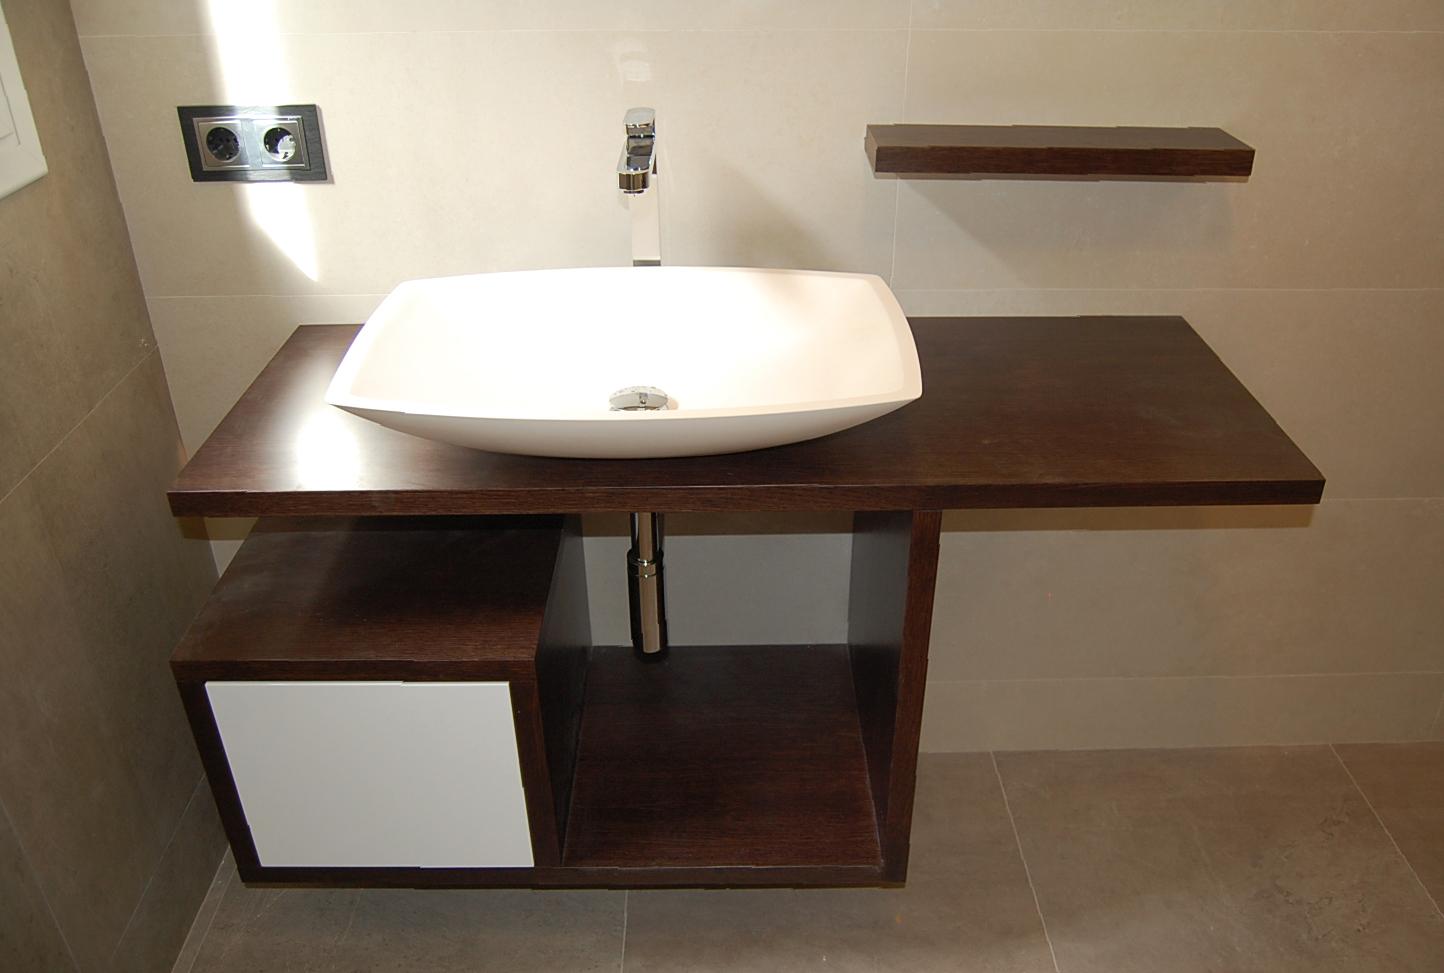 Mueble de baño suspendido en rechapado barnizado con encimera hidrófuga y cajón push lacado blanco. Columna en rechapado barnizado con puerta push lacada en blanco.